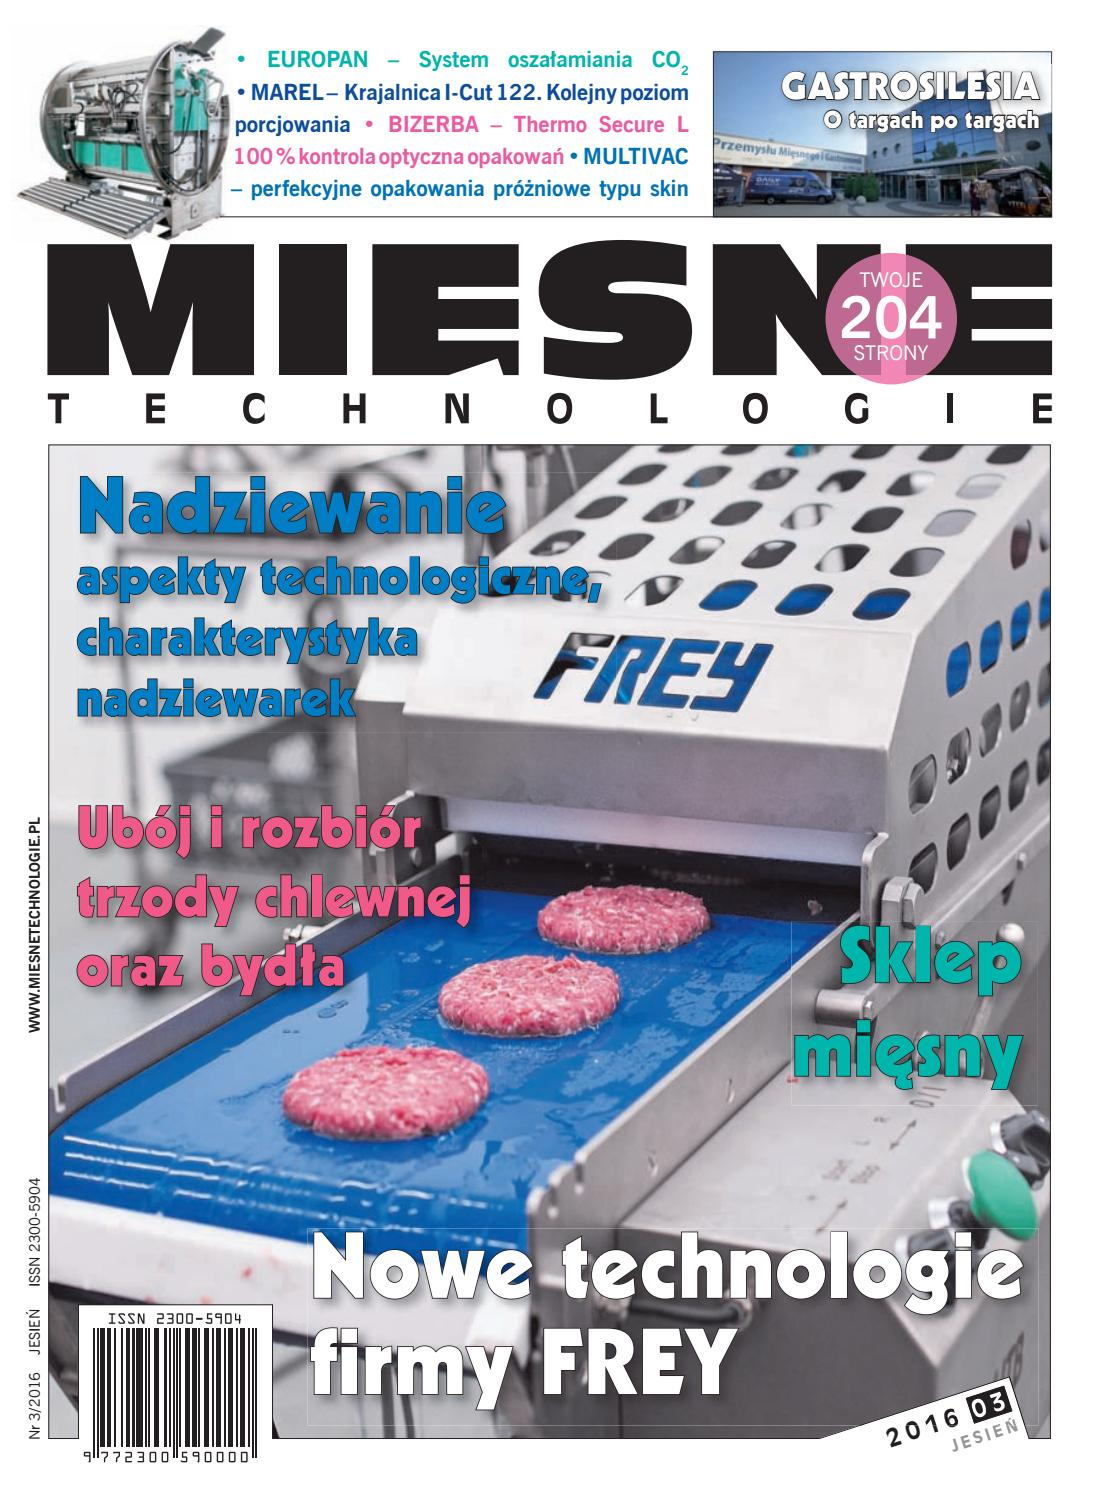 cd230efdaf8b7 Mięsne technologie JESIEŃ 2016 (III) by Womat - media czasopisma dla  specjalistów - issuu